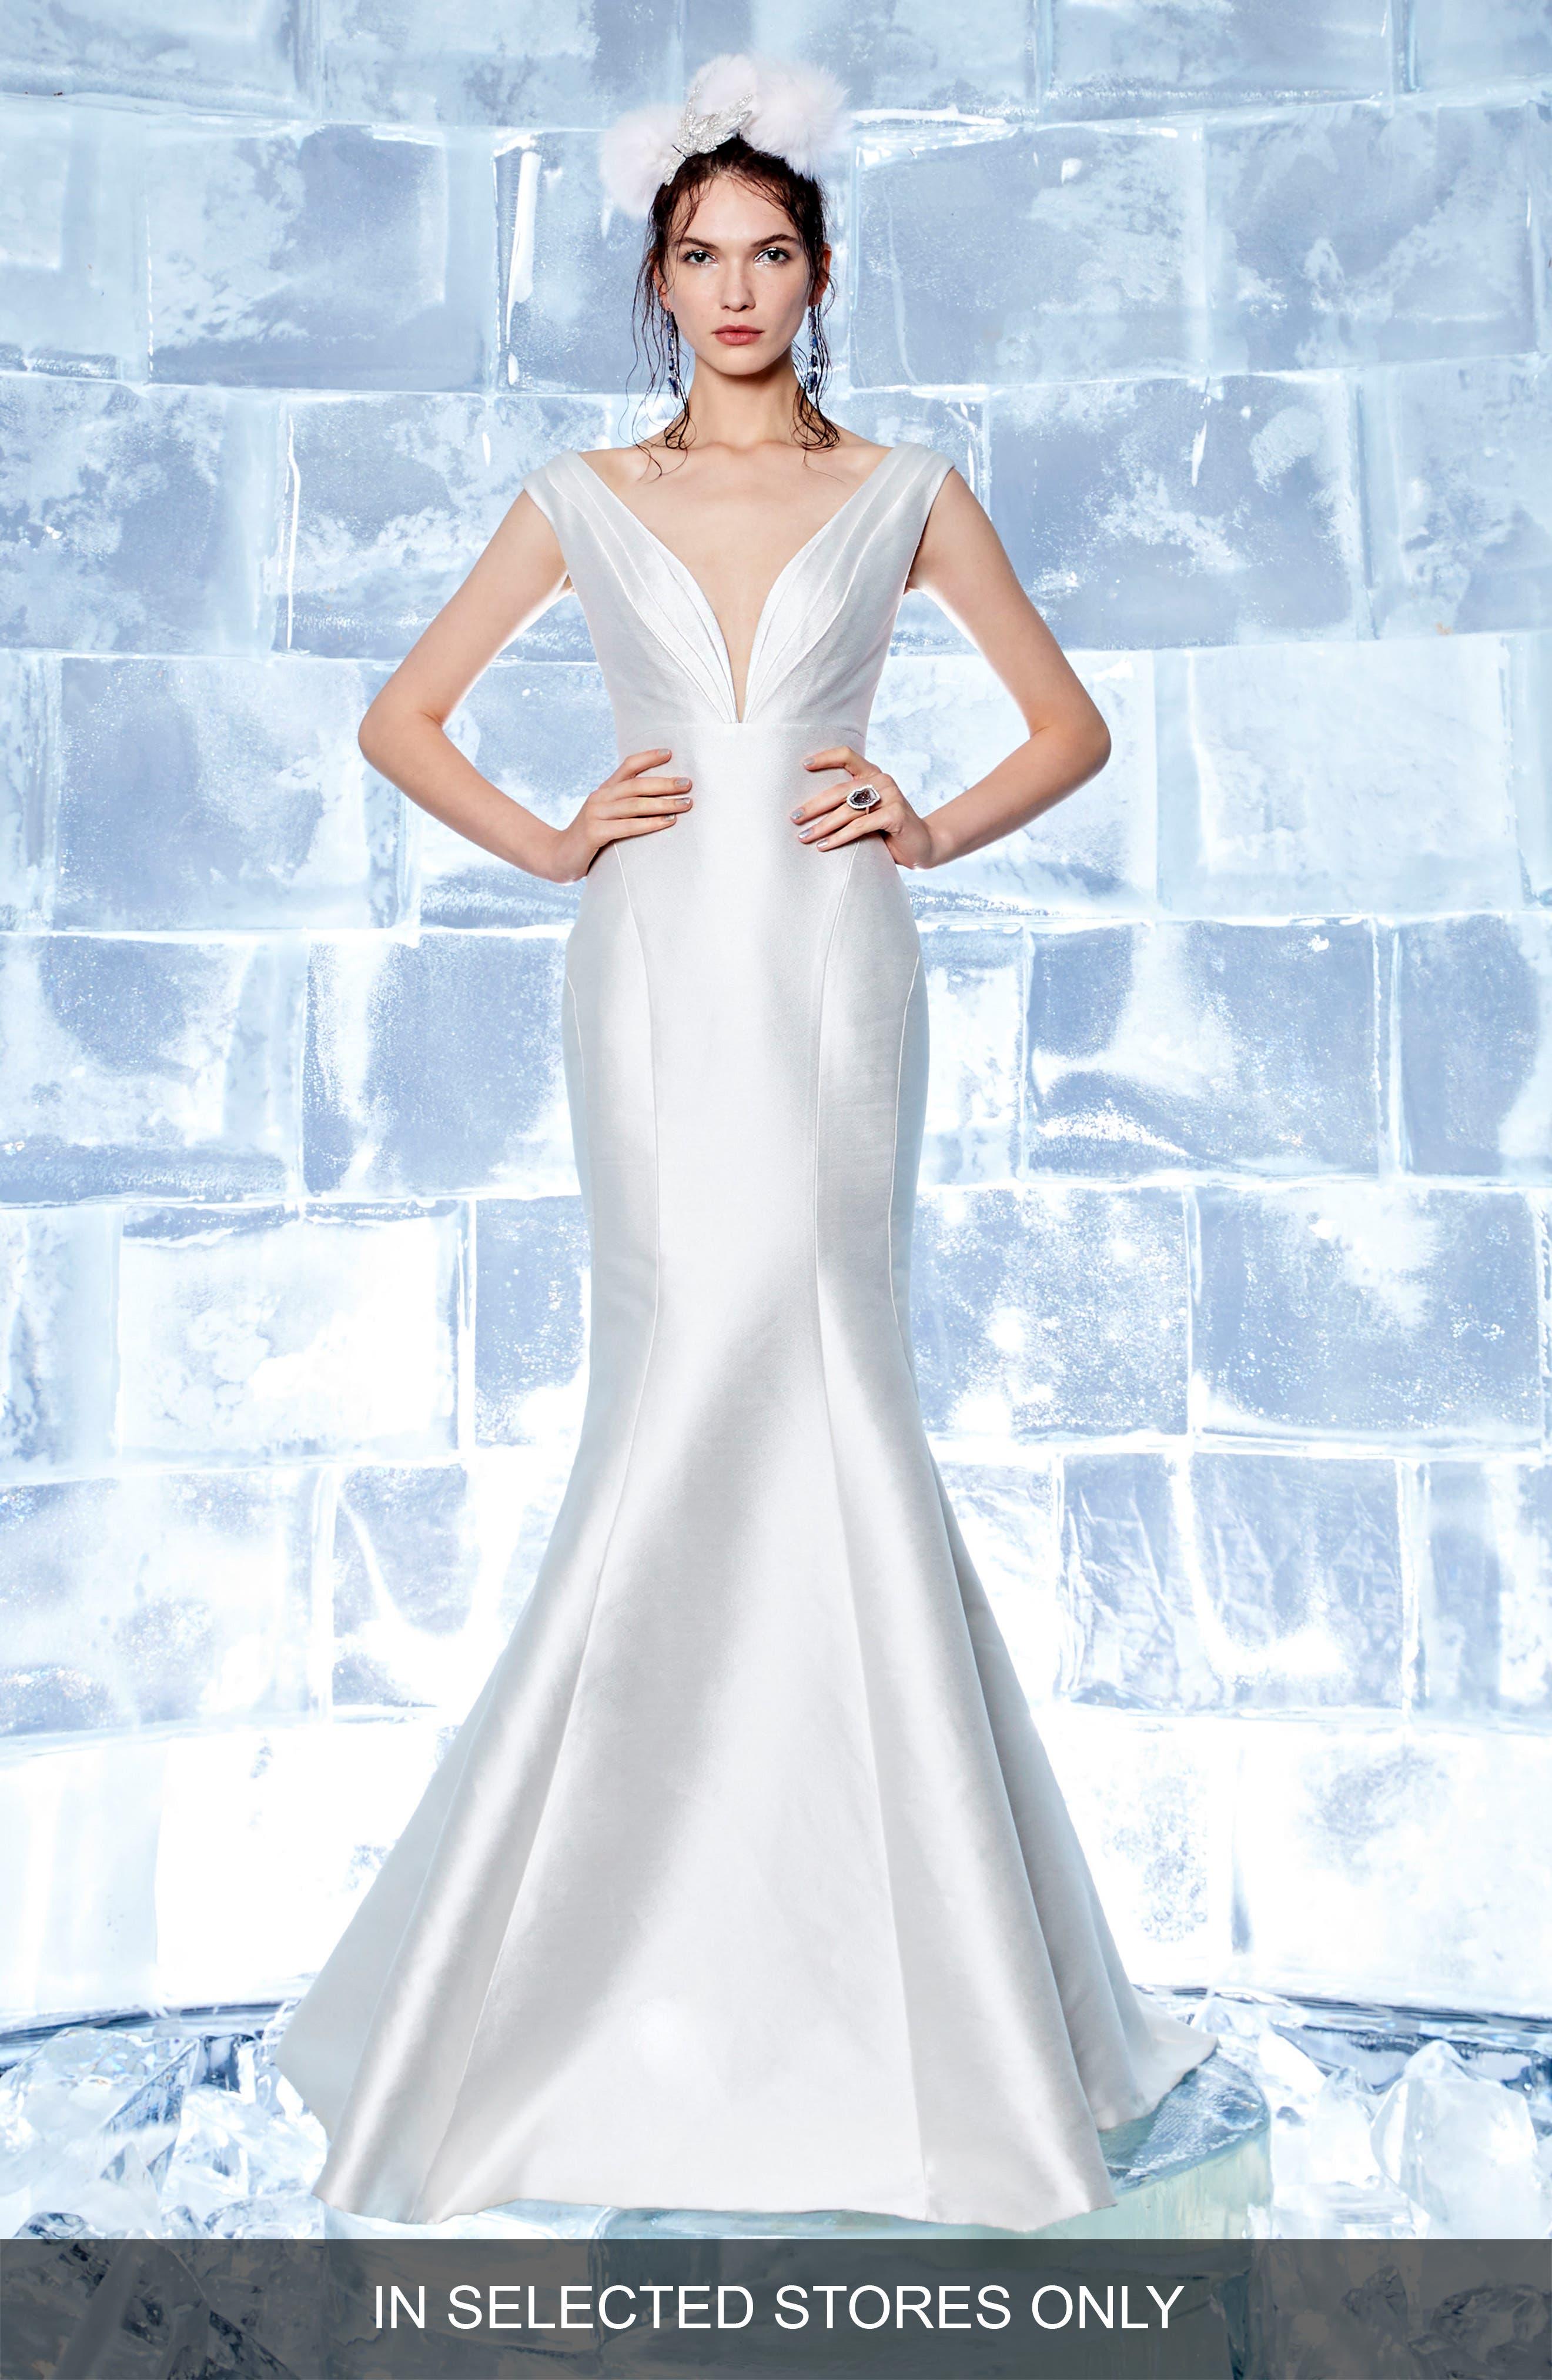 Blanche Duchess Satin Mermaid Gown,                             Main thumbnail 1, color,                             900